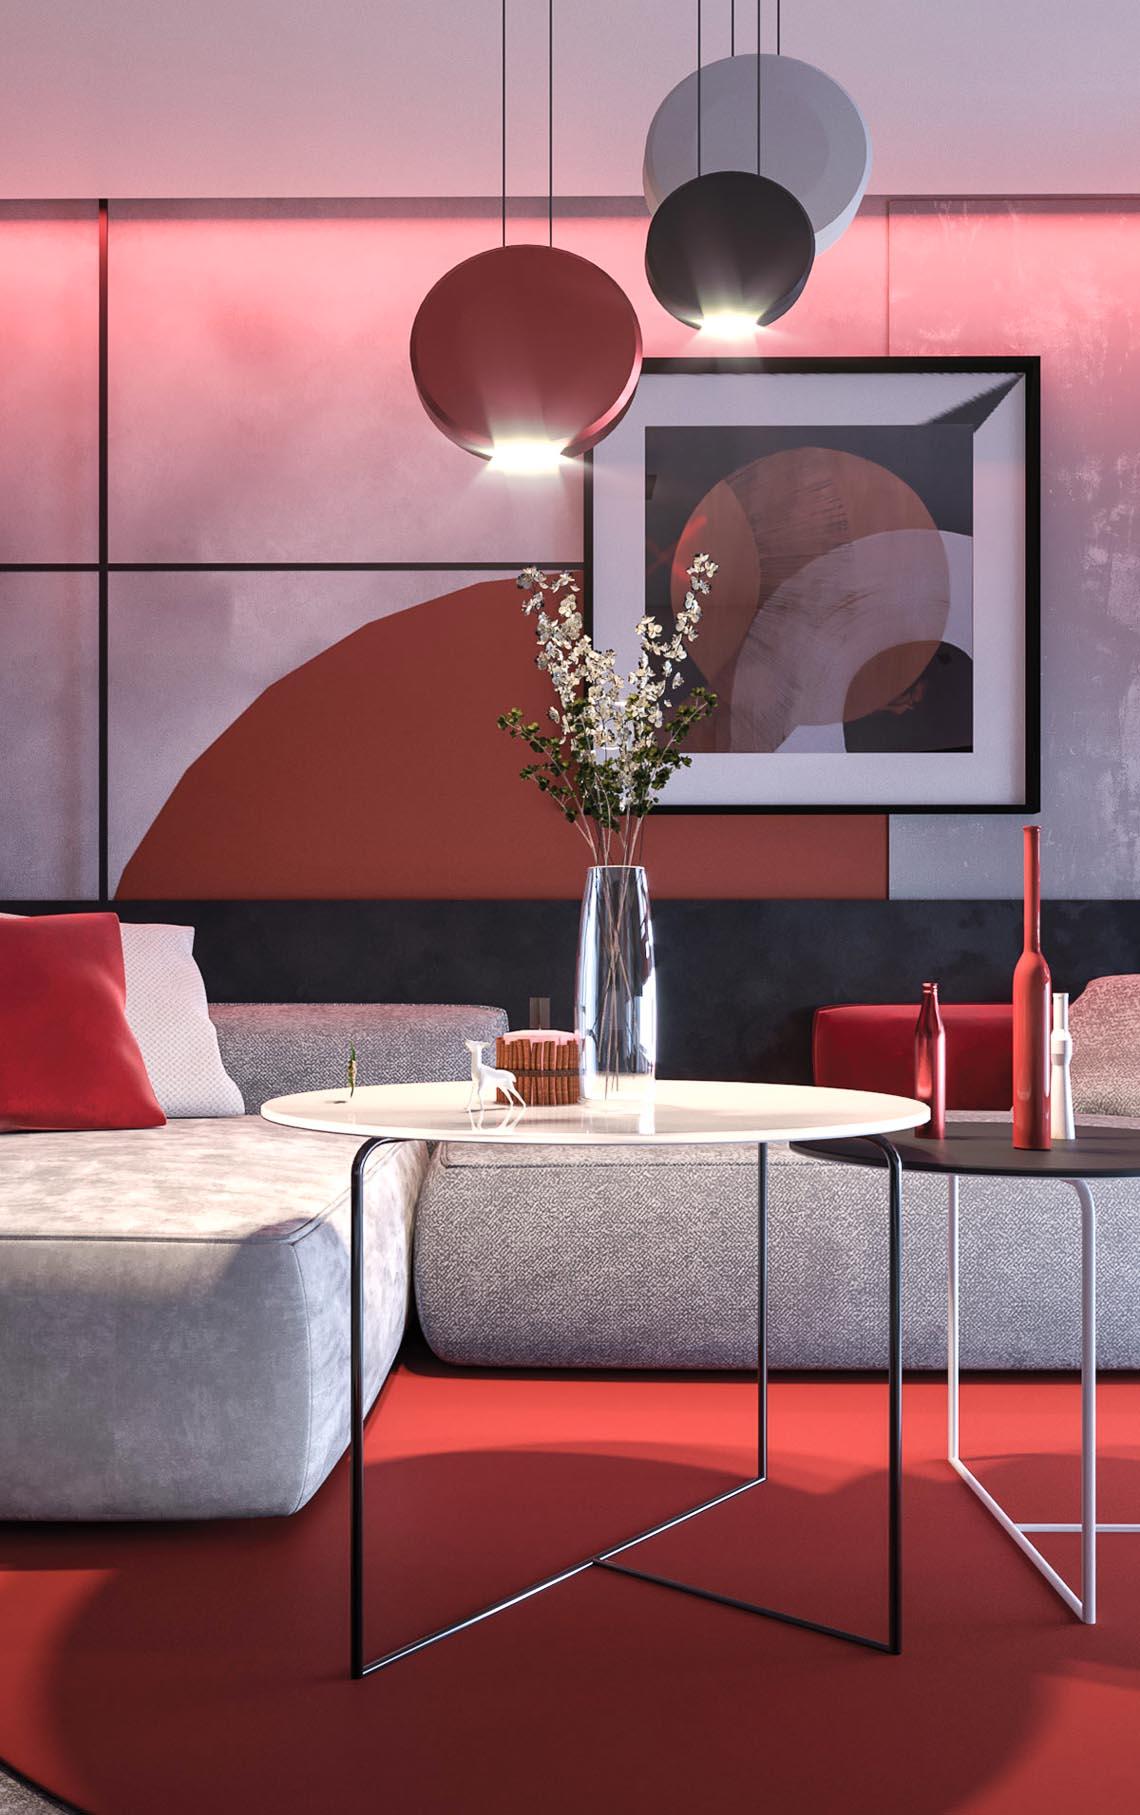 Thiết kế nội thất hiện đại với tông màu đỏ và xám theo phong cách Nhật Bản-2